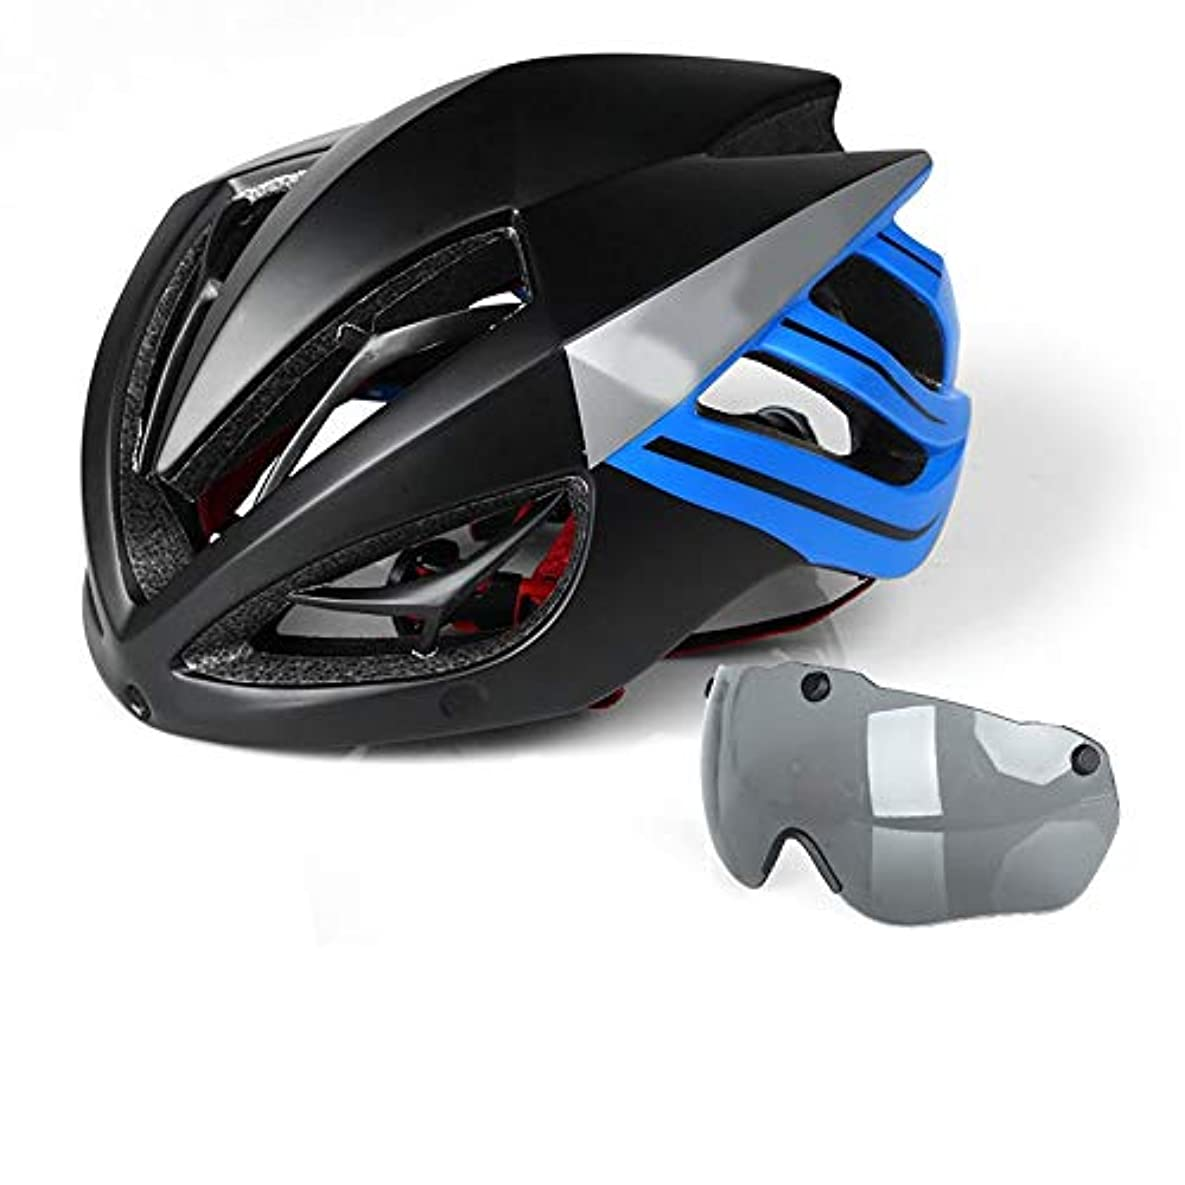 しおれた鑑定絶妙HYH キール乗馬ヘルメットゴーグルメガネ一体成形男性と女性の通気性の安全帽子マウンテンバイク機器 いい人生 (Color : Blue)